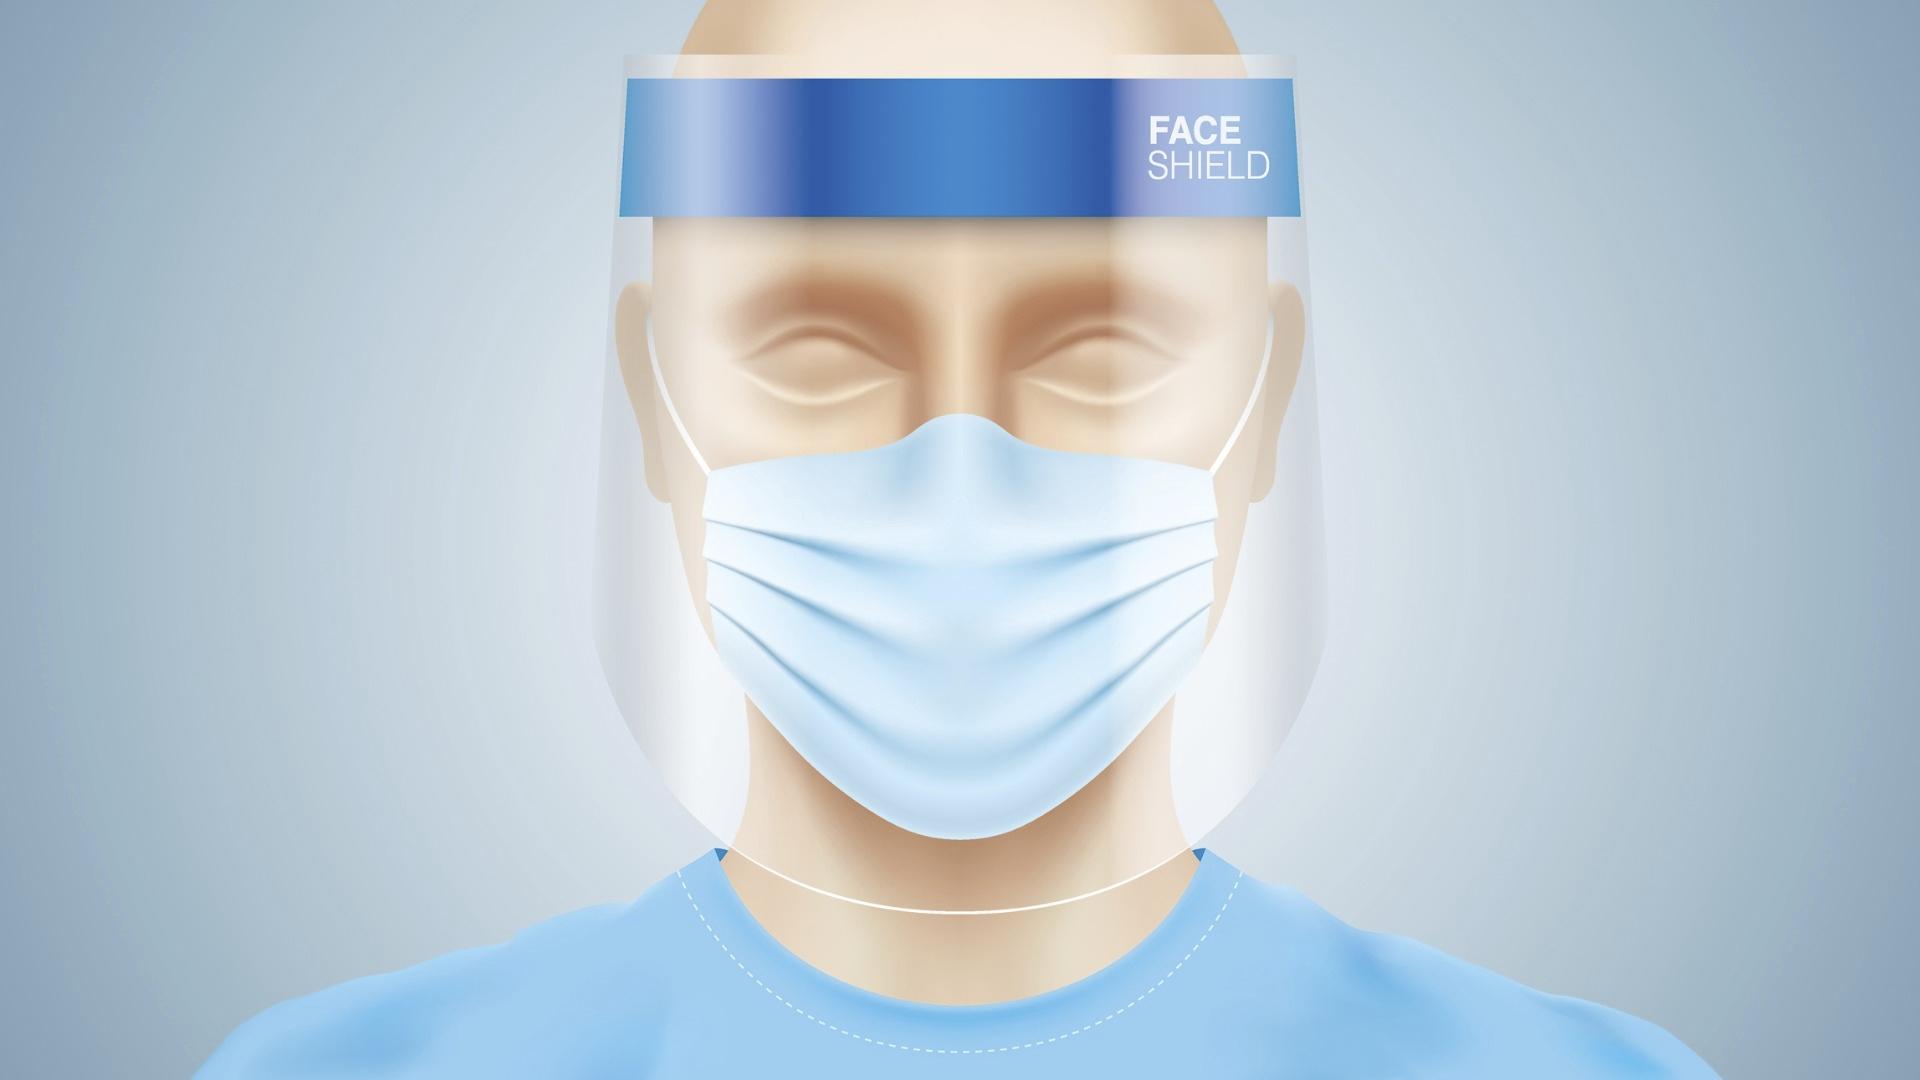 Visiiri suojaa kantajaansa koronalta pelkkää maskia paremmin. Qatarin koneissa visiiri pitää olla kasvoilla lennolle tullessa ja lennolta poistuessa.